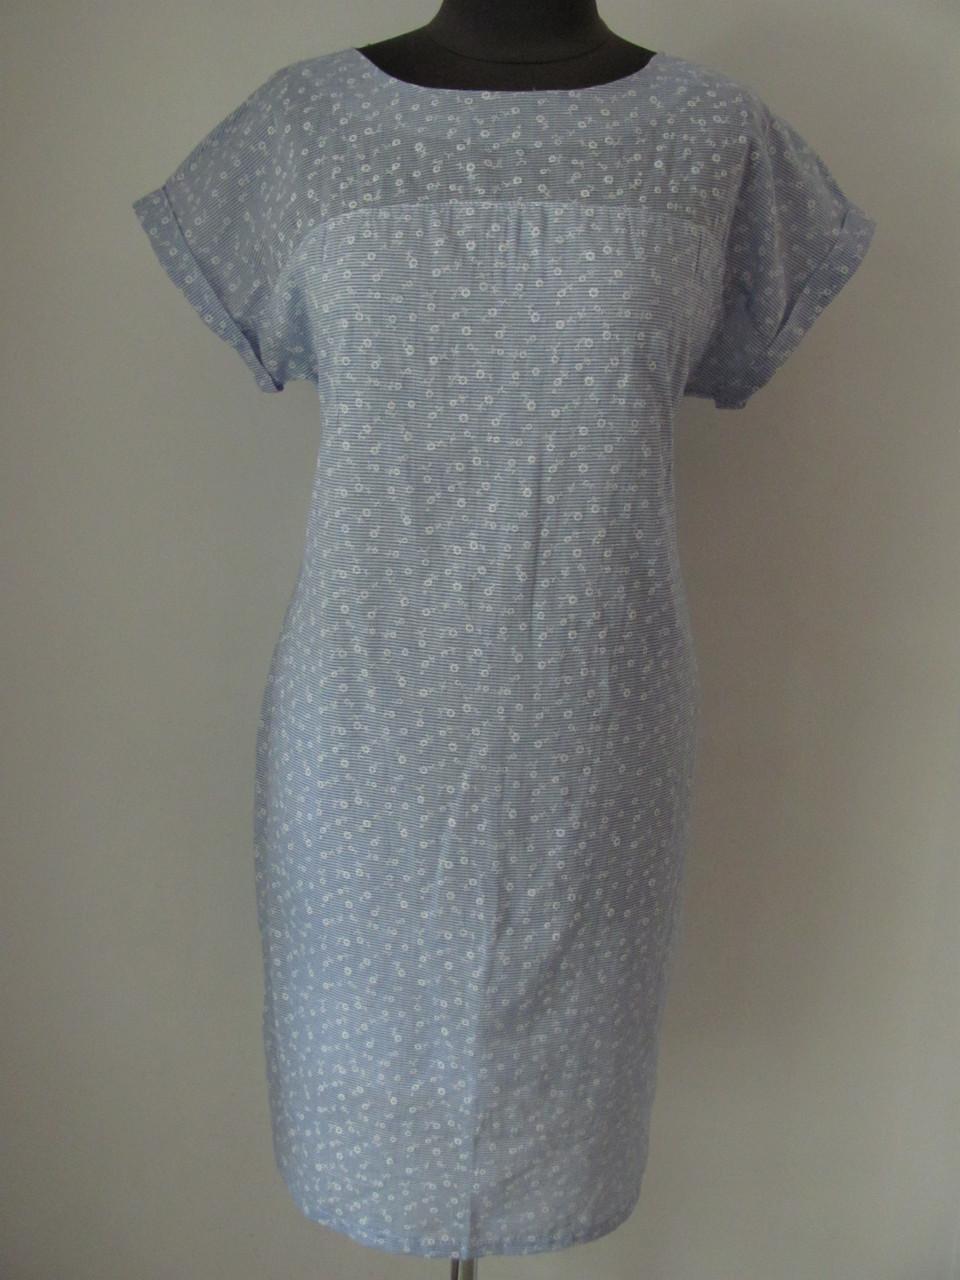 Нежное летнее платье для милого непосредственного образа, р.48 3395М